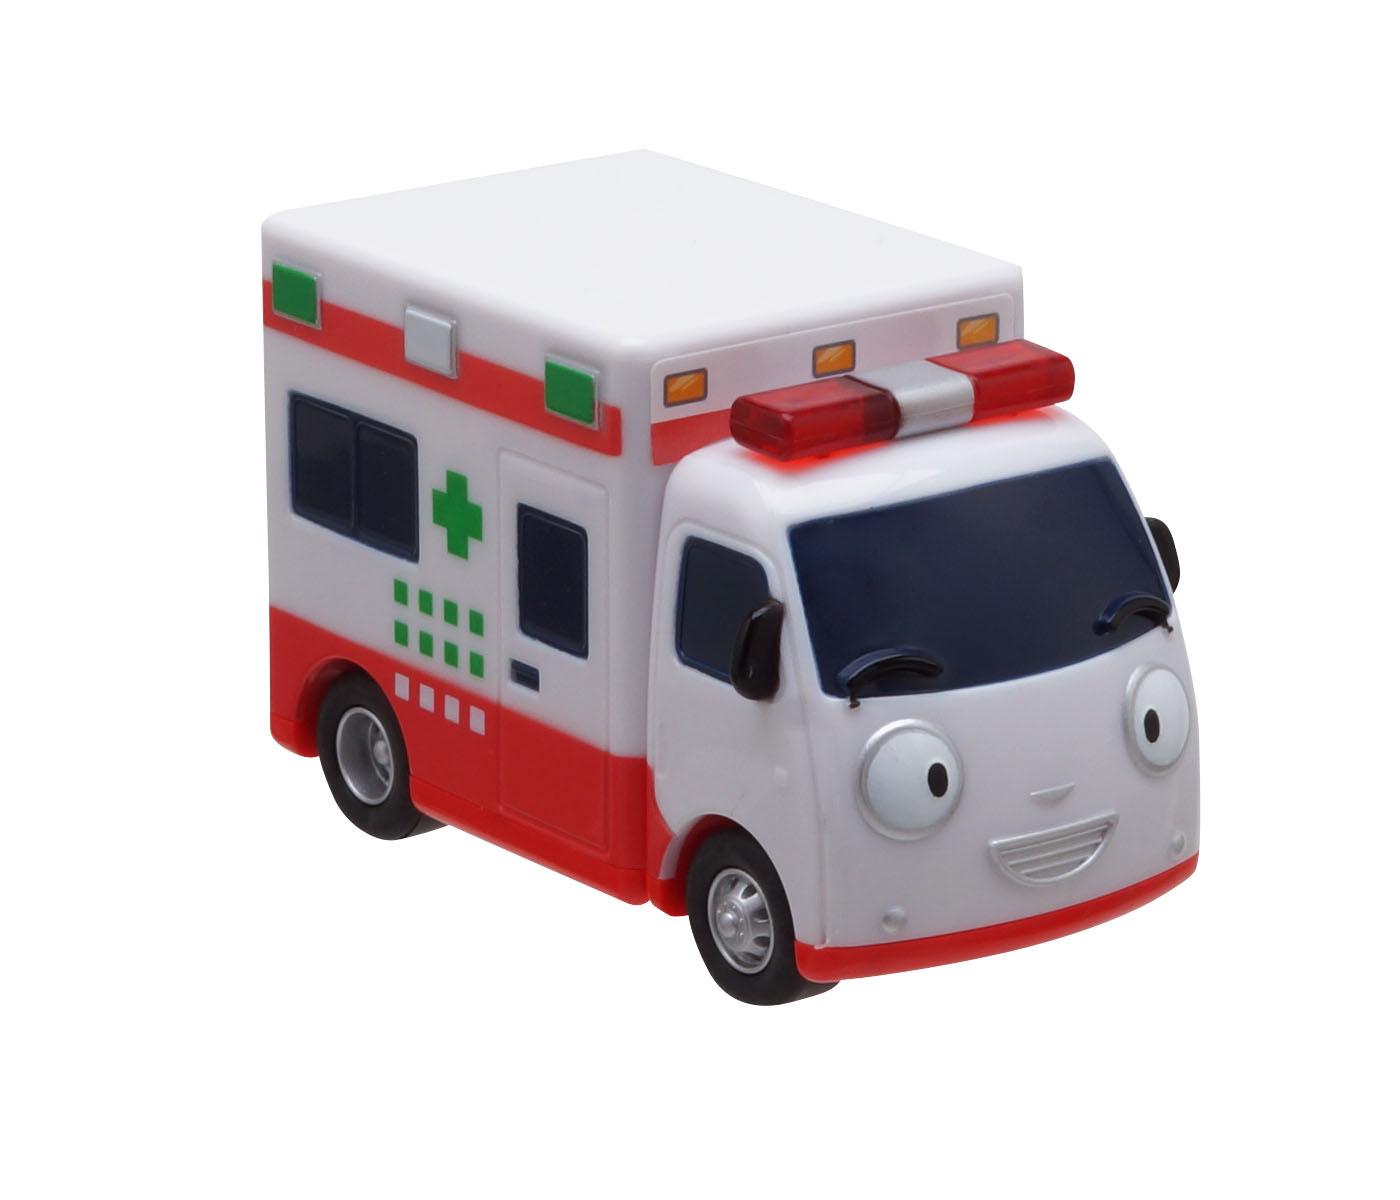 Маленький автобус Тайо - Элис. - Mир Kорейских Tоваров